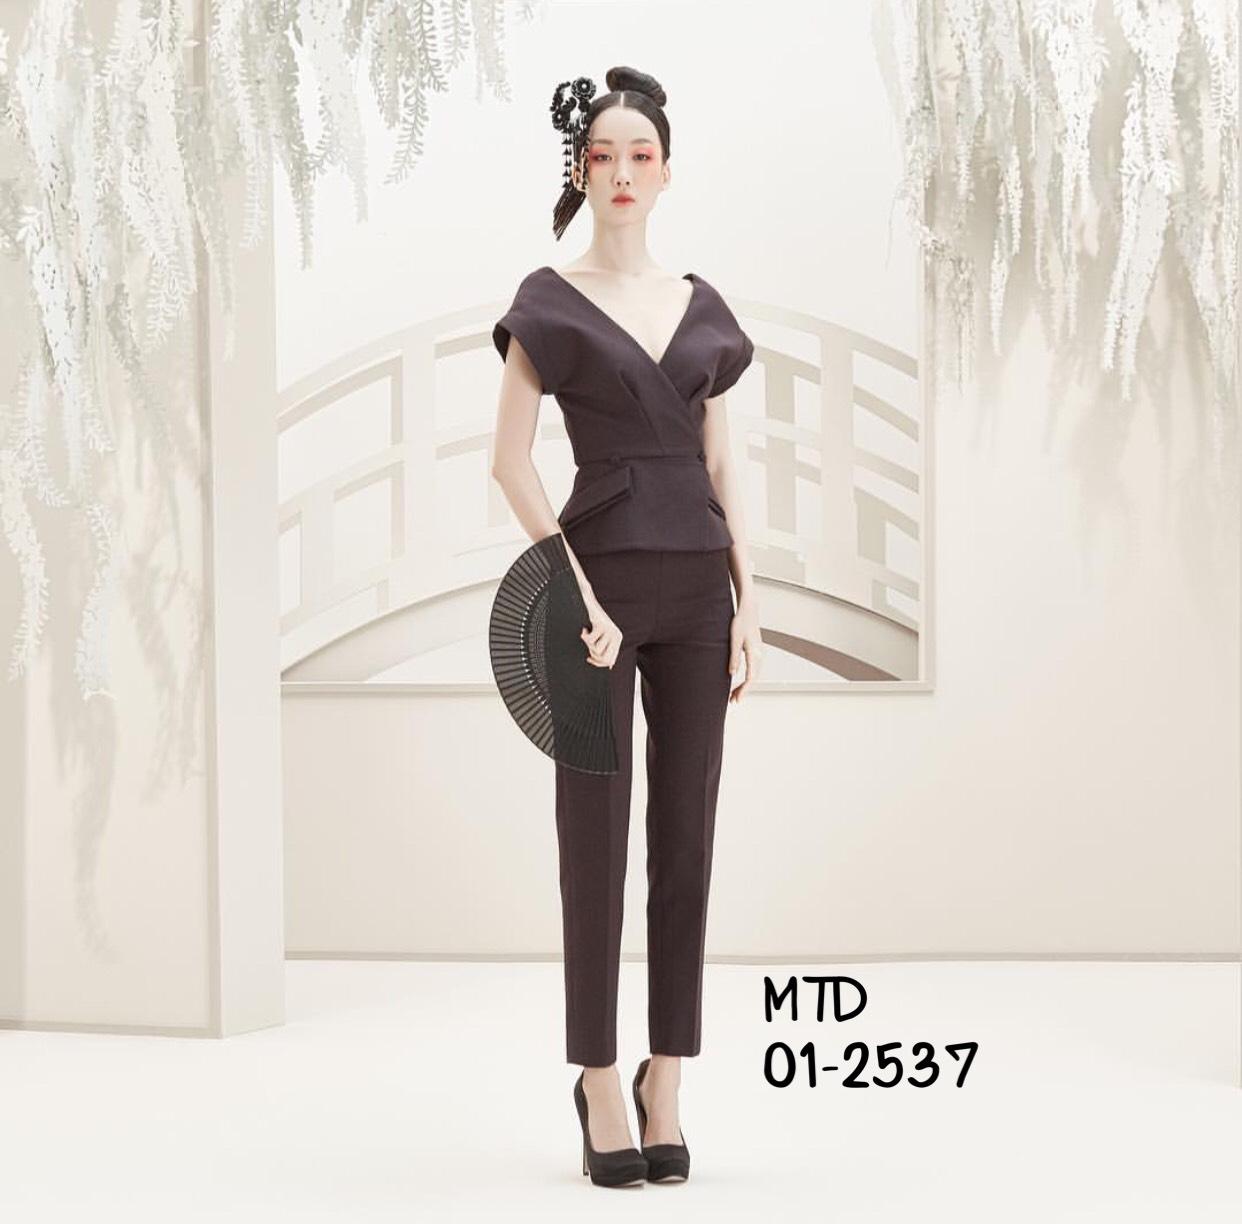 เซตเสื้อแขนสั้นคอวีกว้านลึก ออกแบบเป็นกึ่งเสื้อ